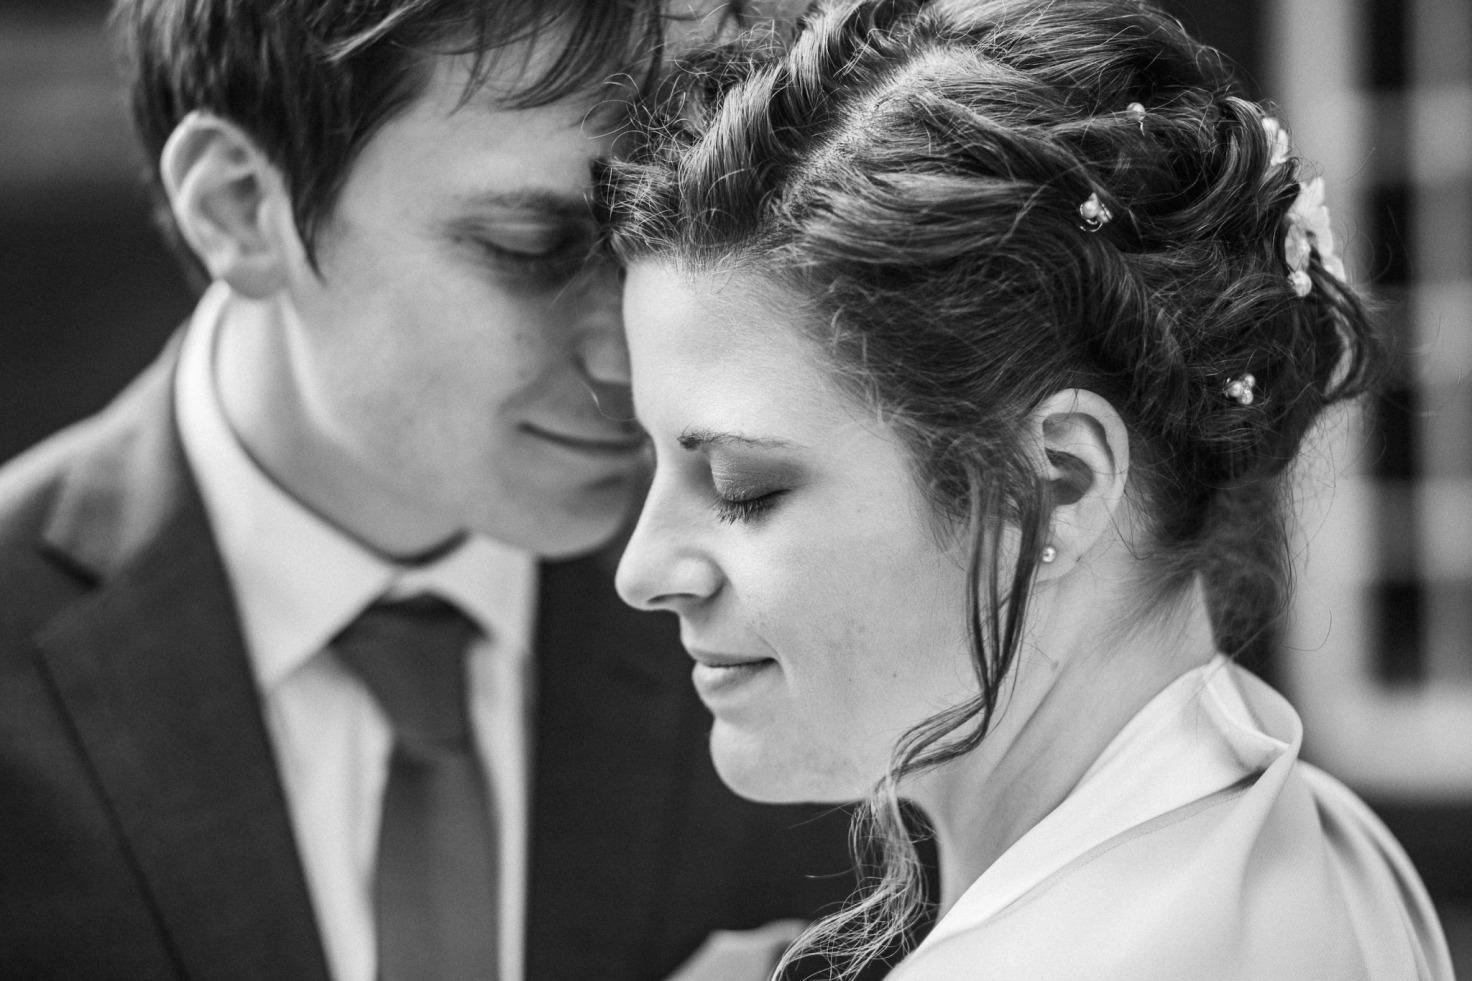 Hochzeit von Bea und Matt in Münster: Braut steht vor dem Bräutigam